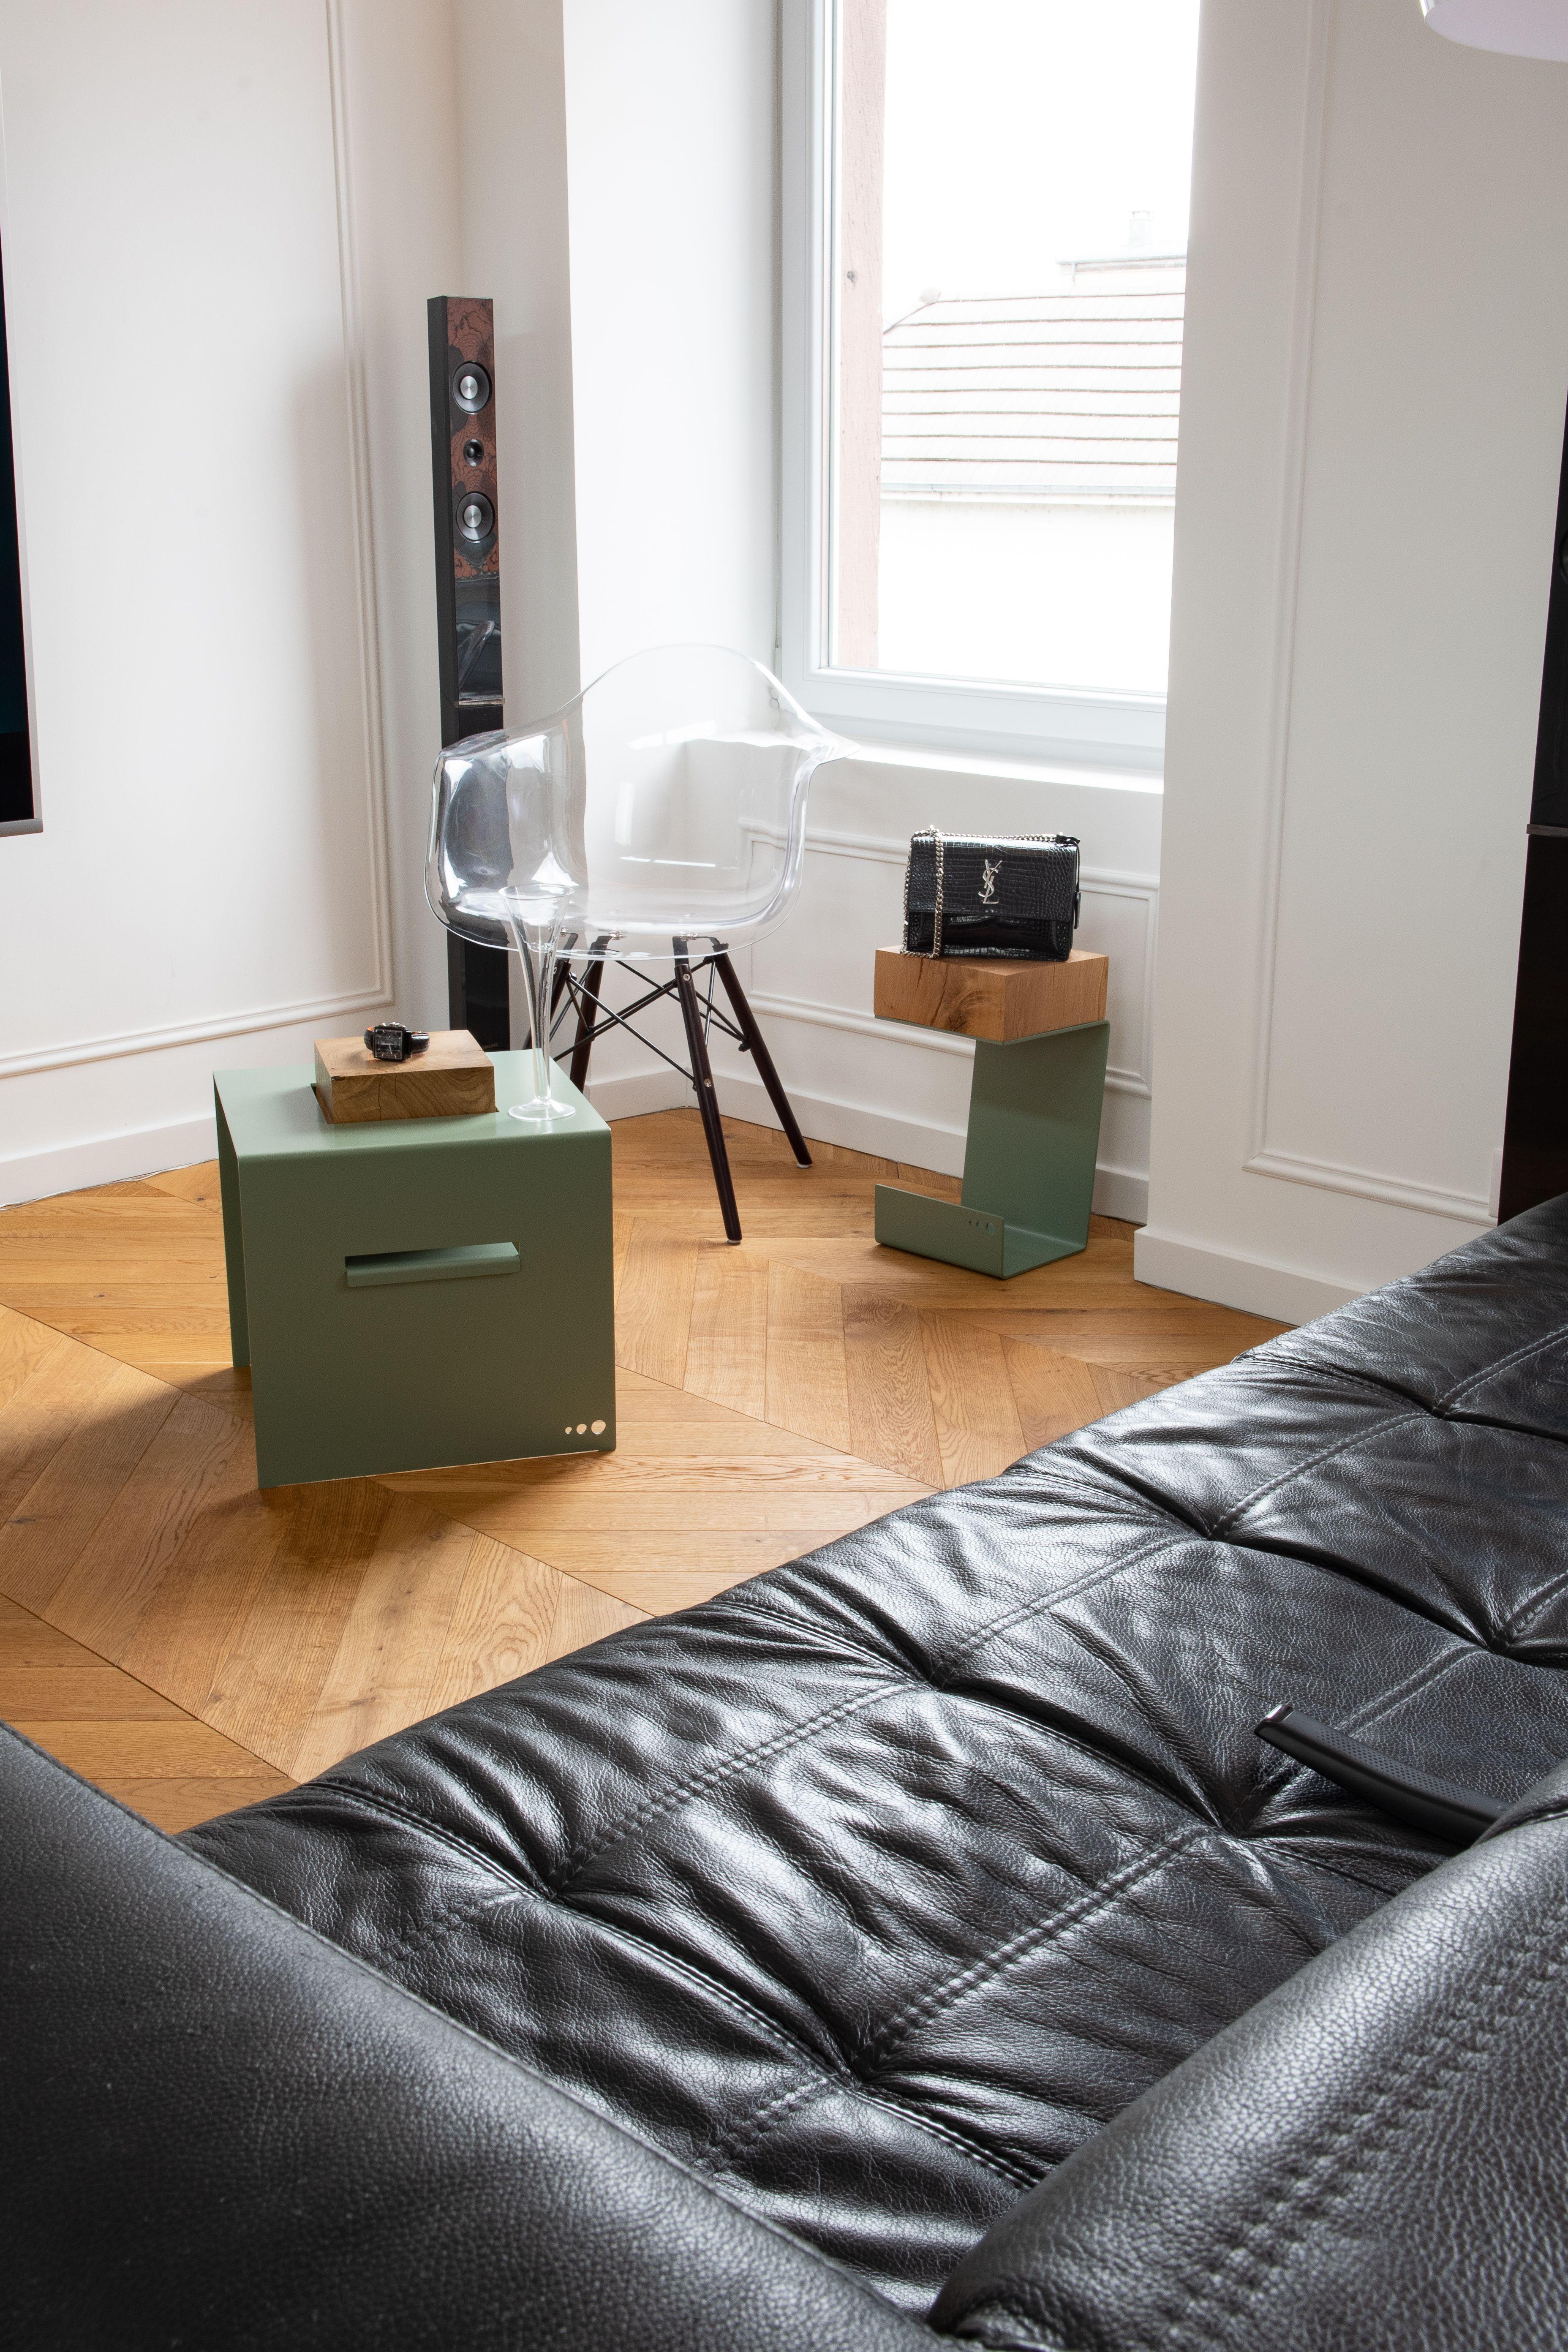 Table Basse Levita Et Bout De Canape Angles Disponible Chez Contact Interstice Design Com Bout De Canape Canape Angle Mobilier